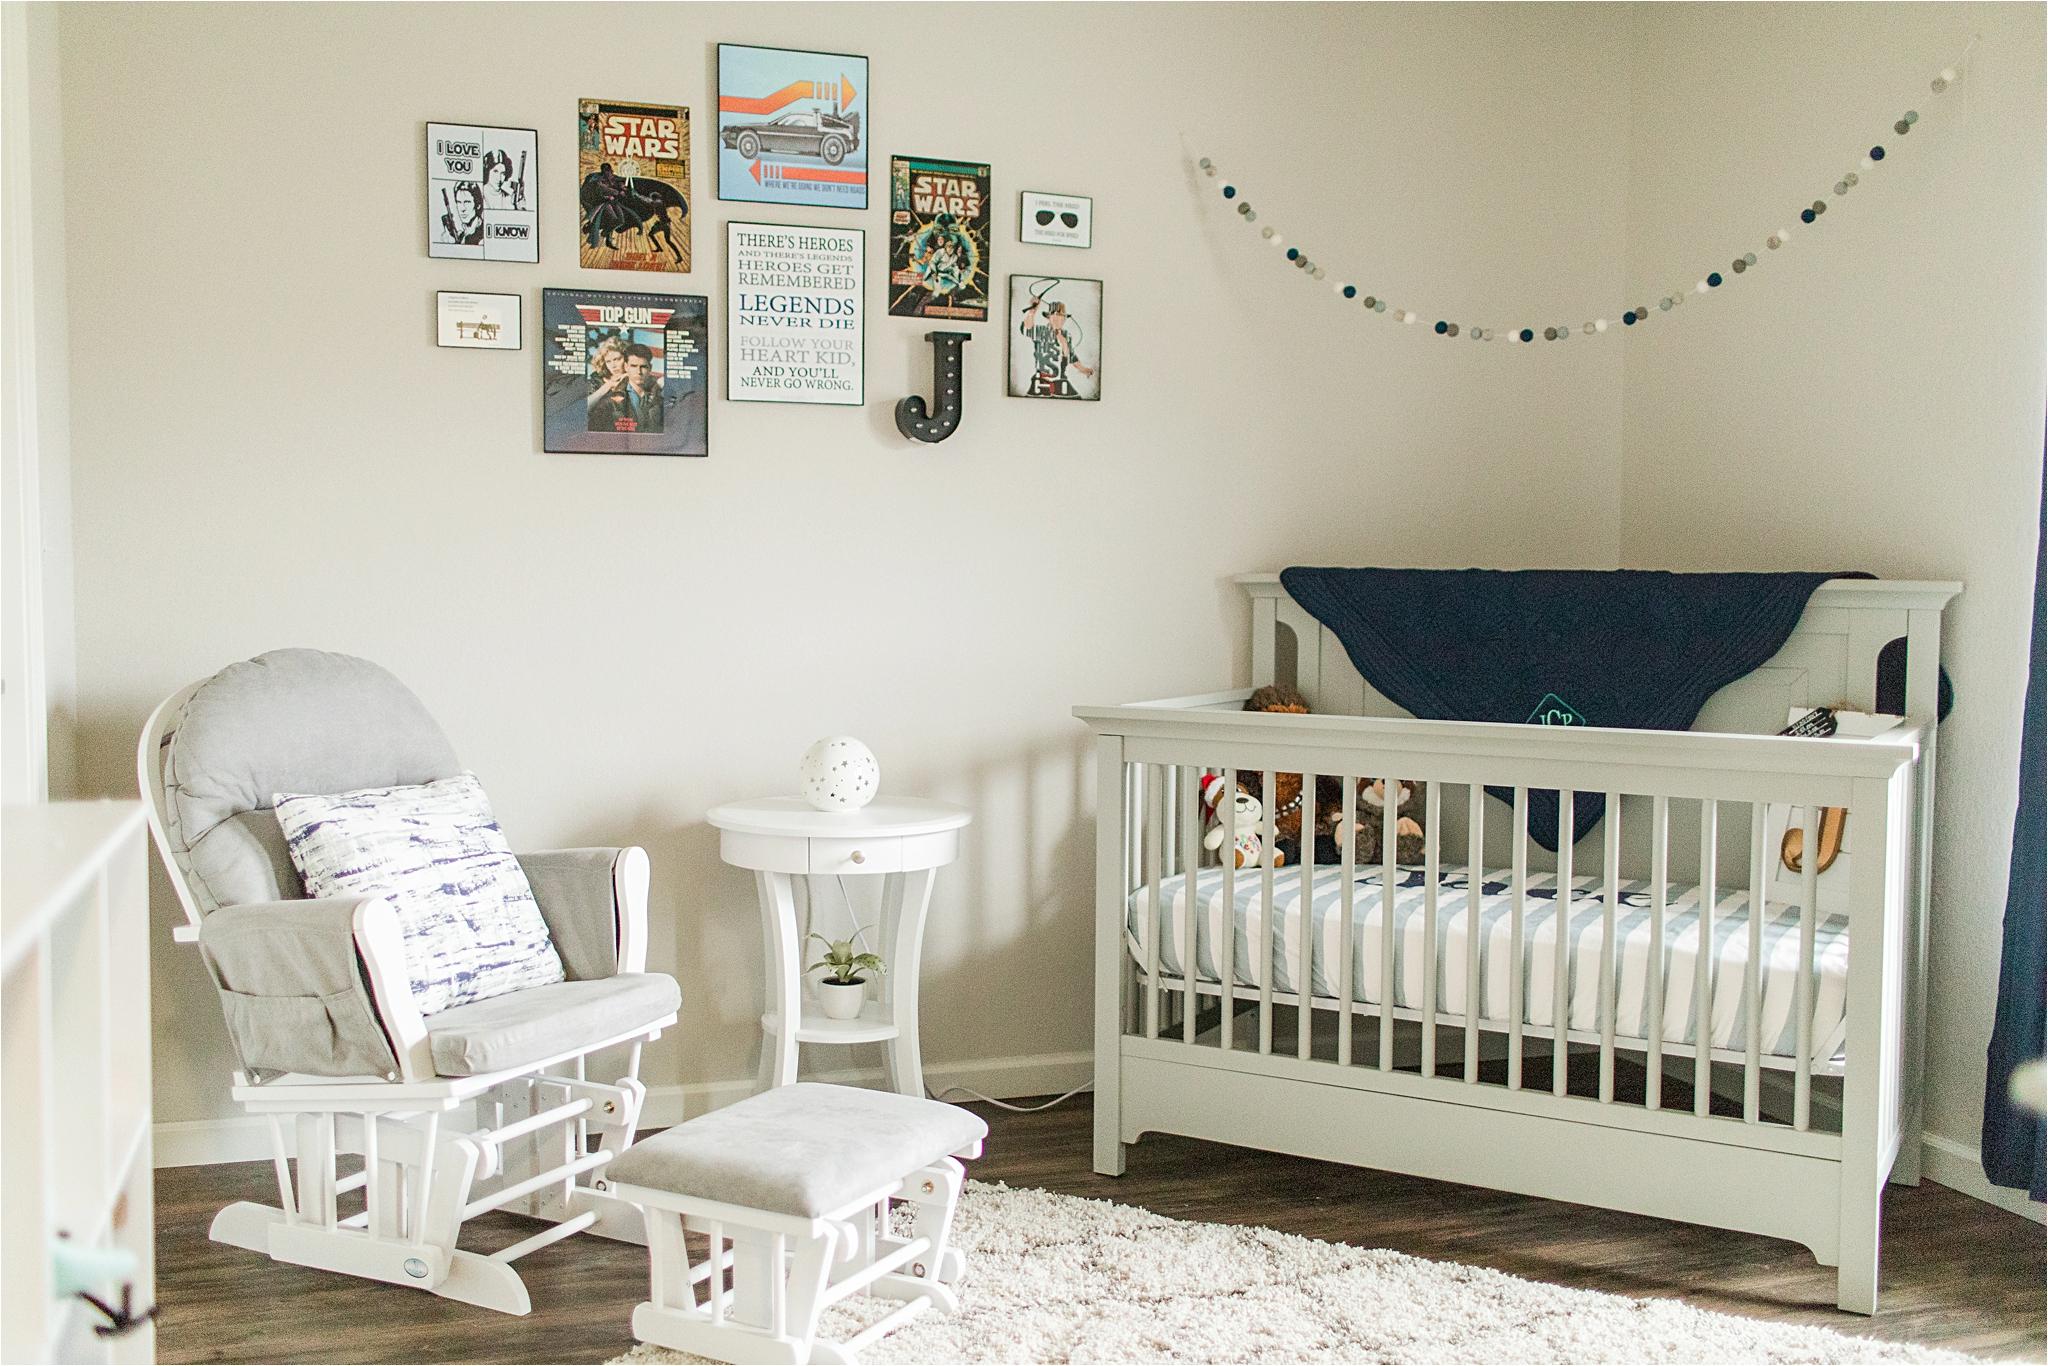 baby-room-decor-ideas-rocking-chair-glider